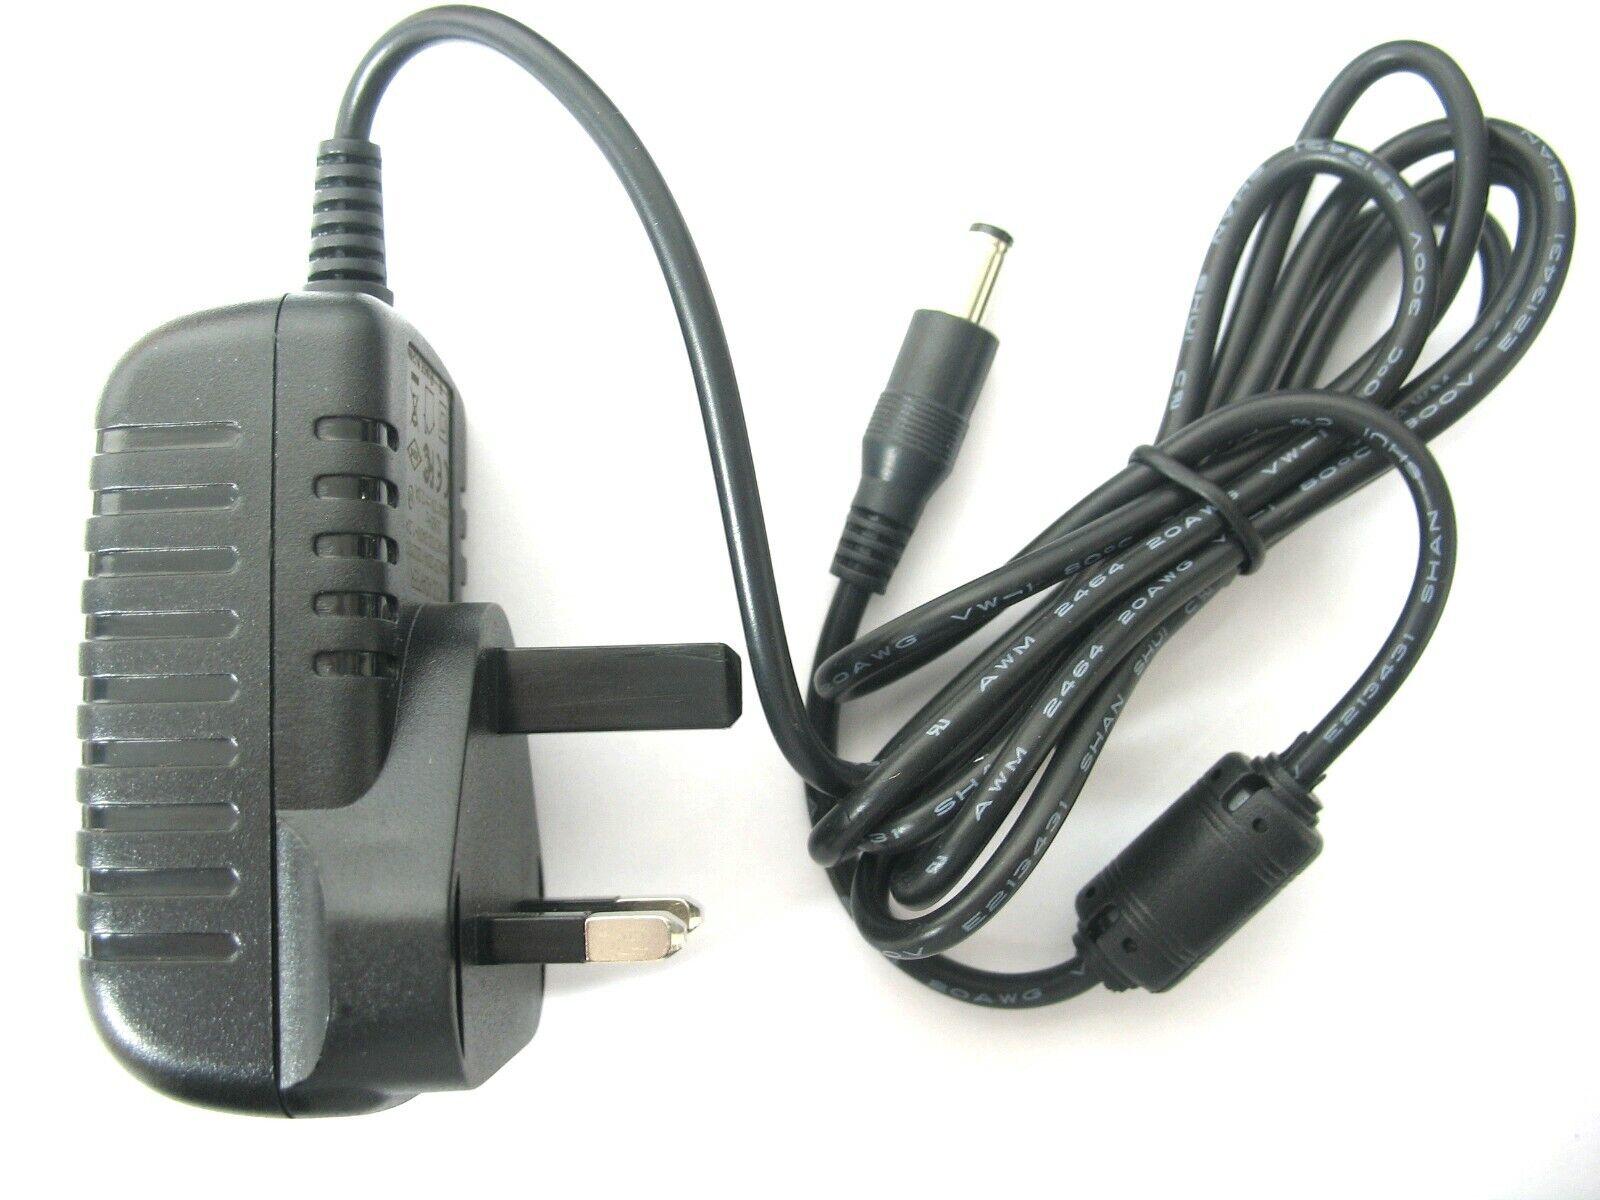 0.5 amp 19 volt AC-DC Mains Regulated Power Adaptor/Supply/Charger (9.5 watt)